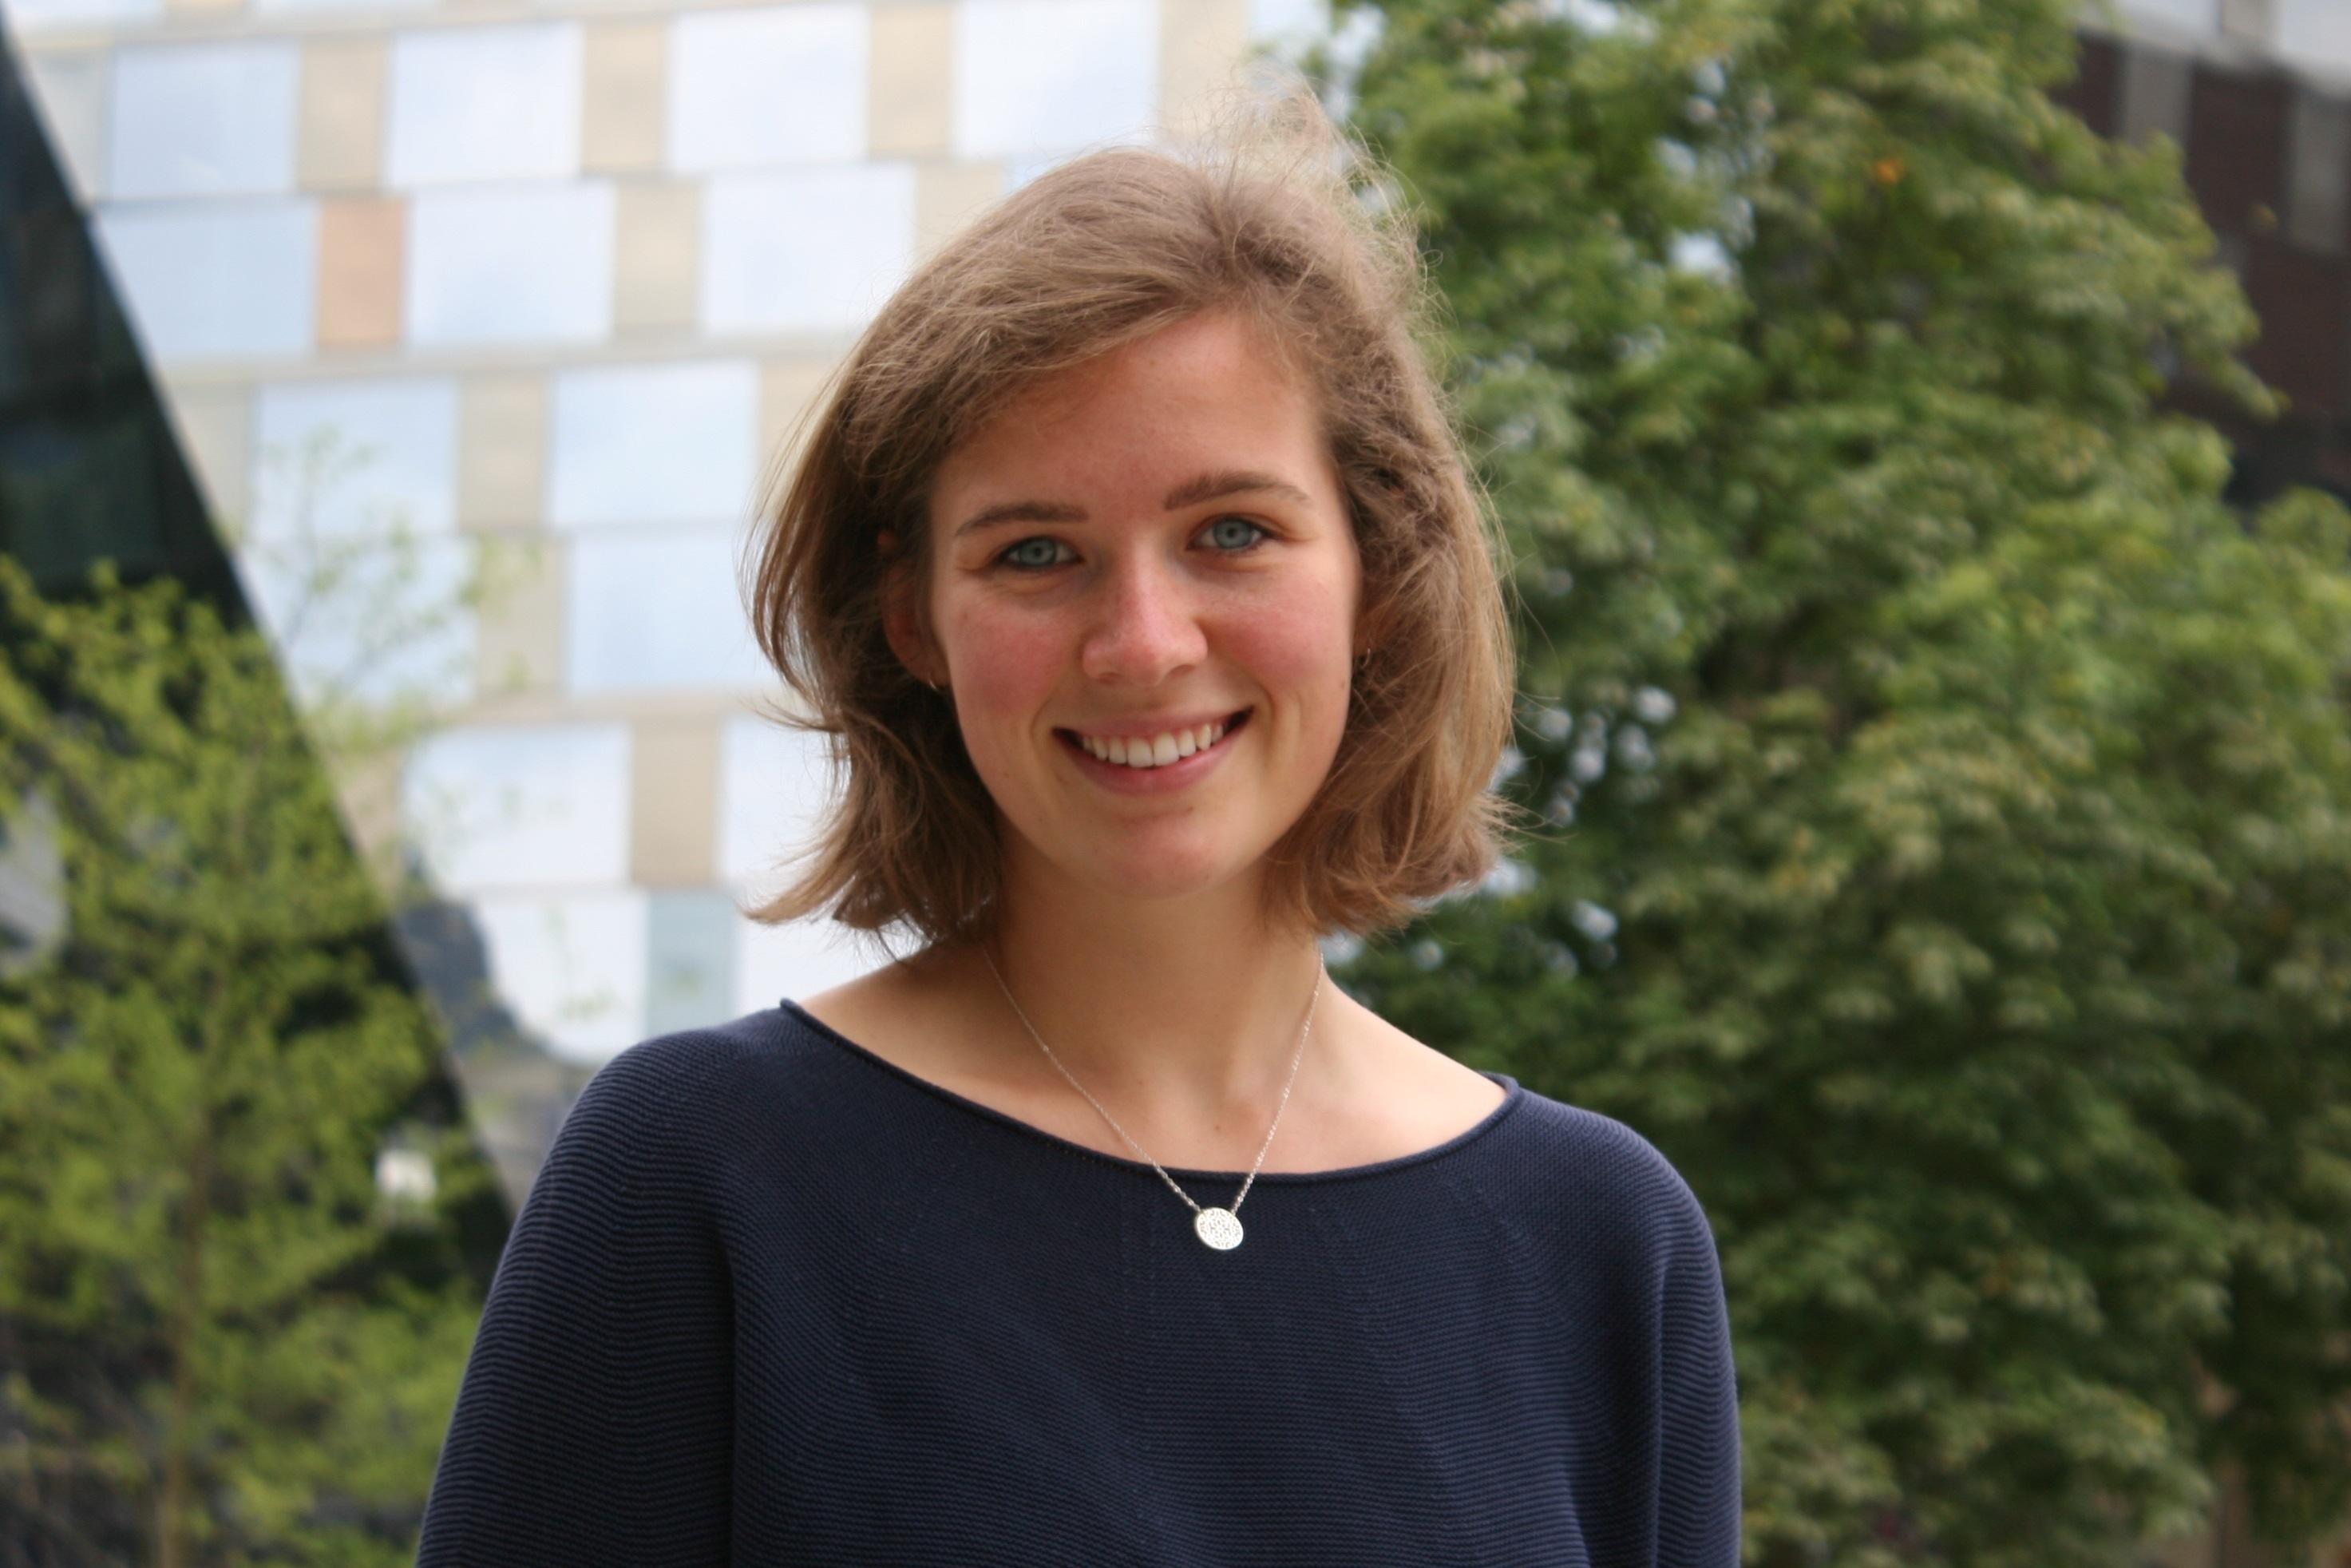 Christiana Ochs